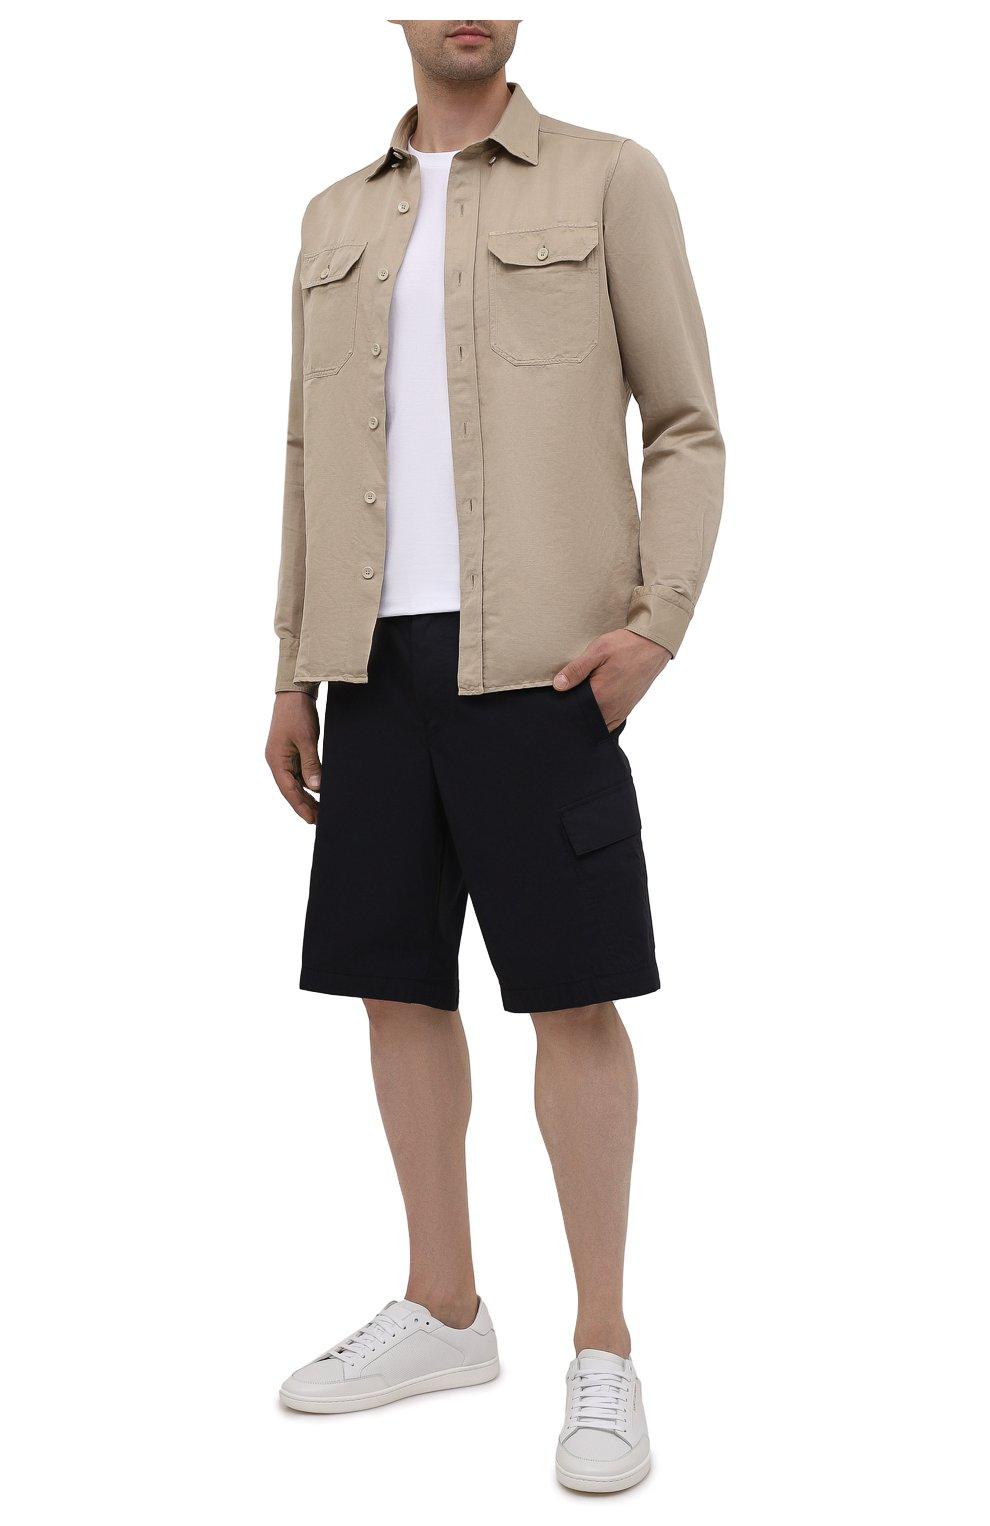 Мужские хлопковые шорты BOGNER темно-синего цвета, арт. 18173753 | Фото 2 (Мужское Кросс-КТ: Шорты-одежда; Принт: Без принта; Длина Шорты М: Ниже колена; Материал внешний: Хлопок; Стили: Спорт-шик)